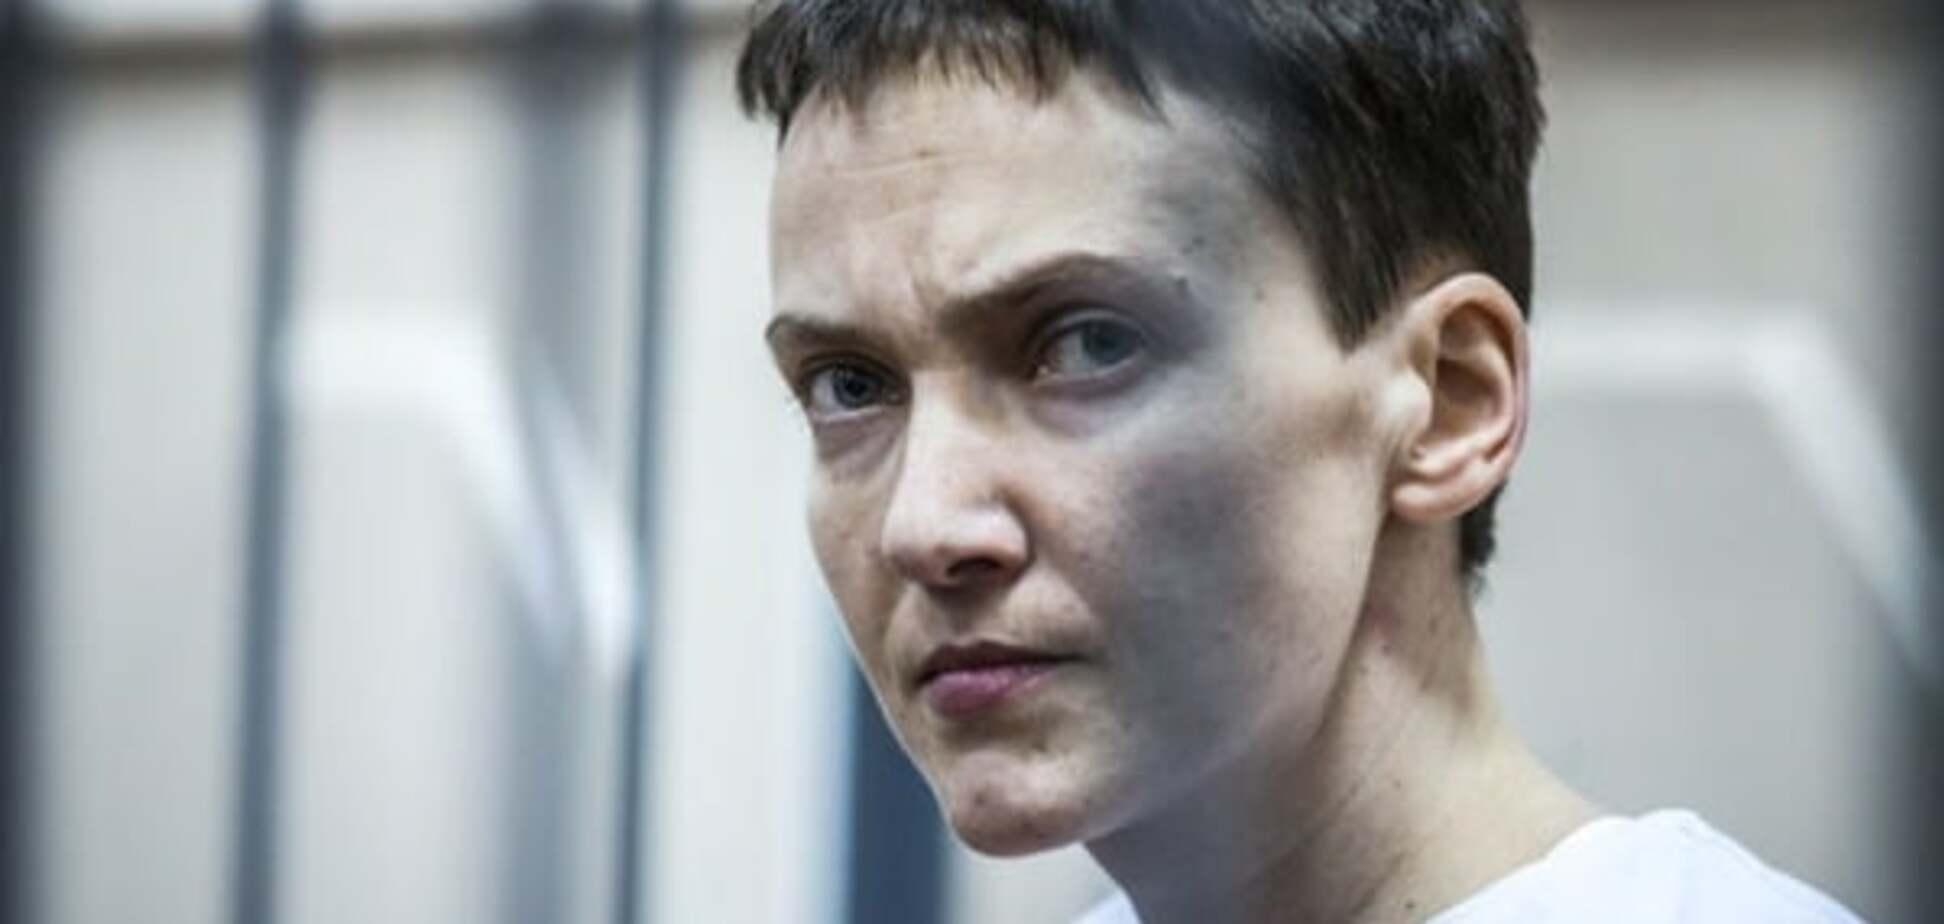 'На дирижаблях, підземним ходом': Фейгін назвав два реальних шляхи для звільнення Савченко